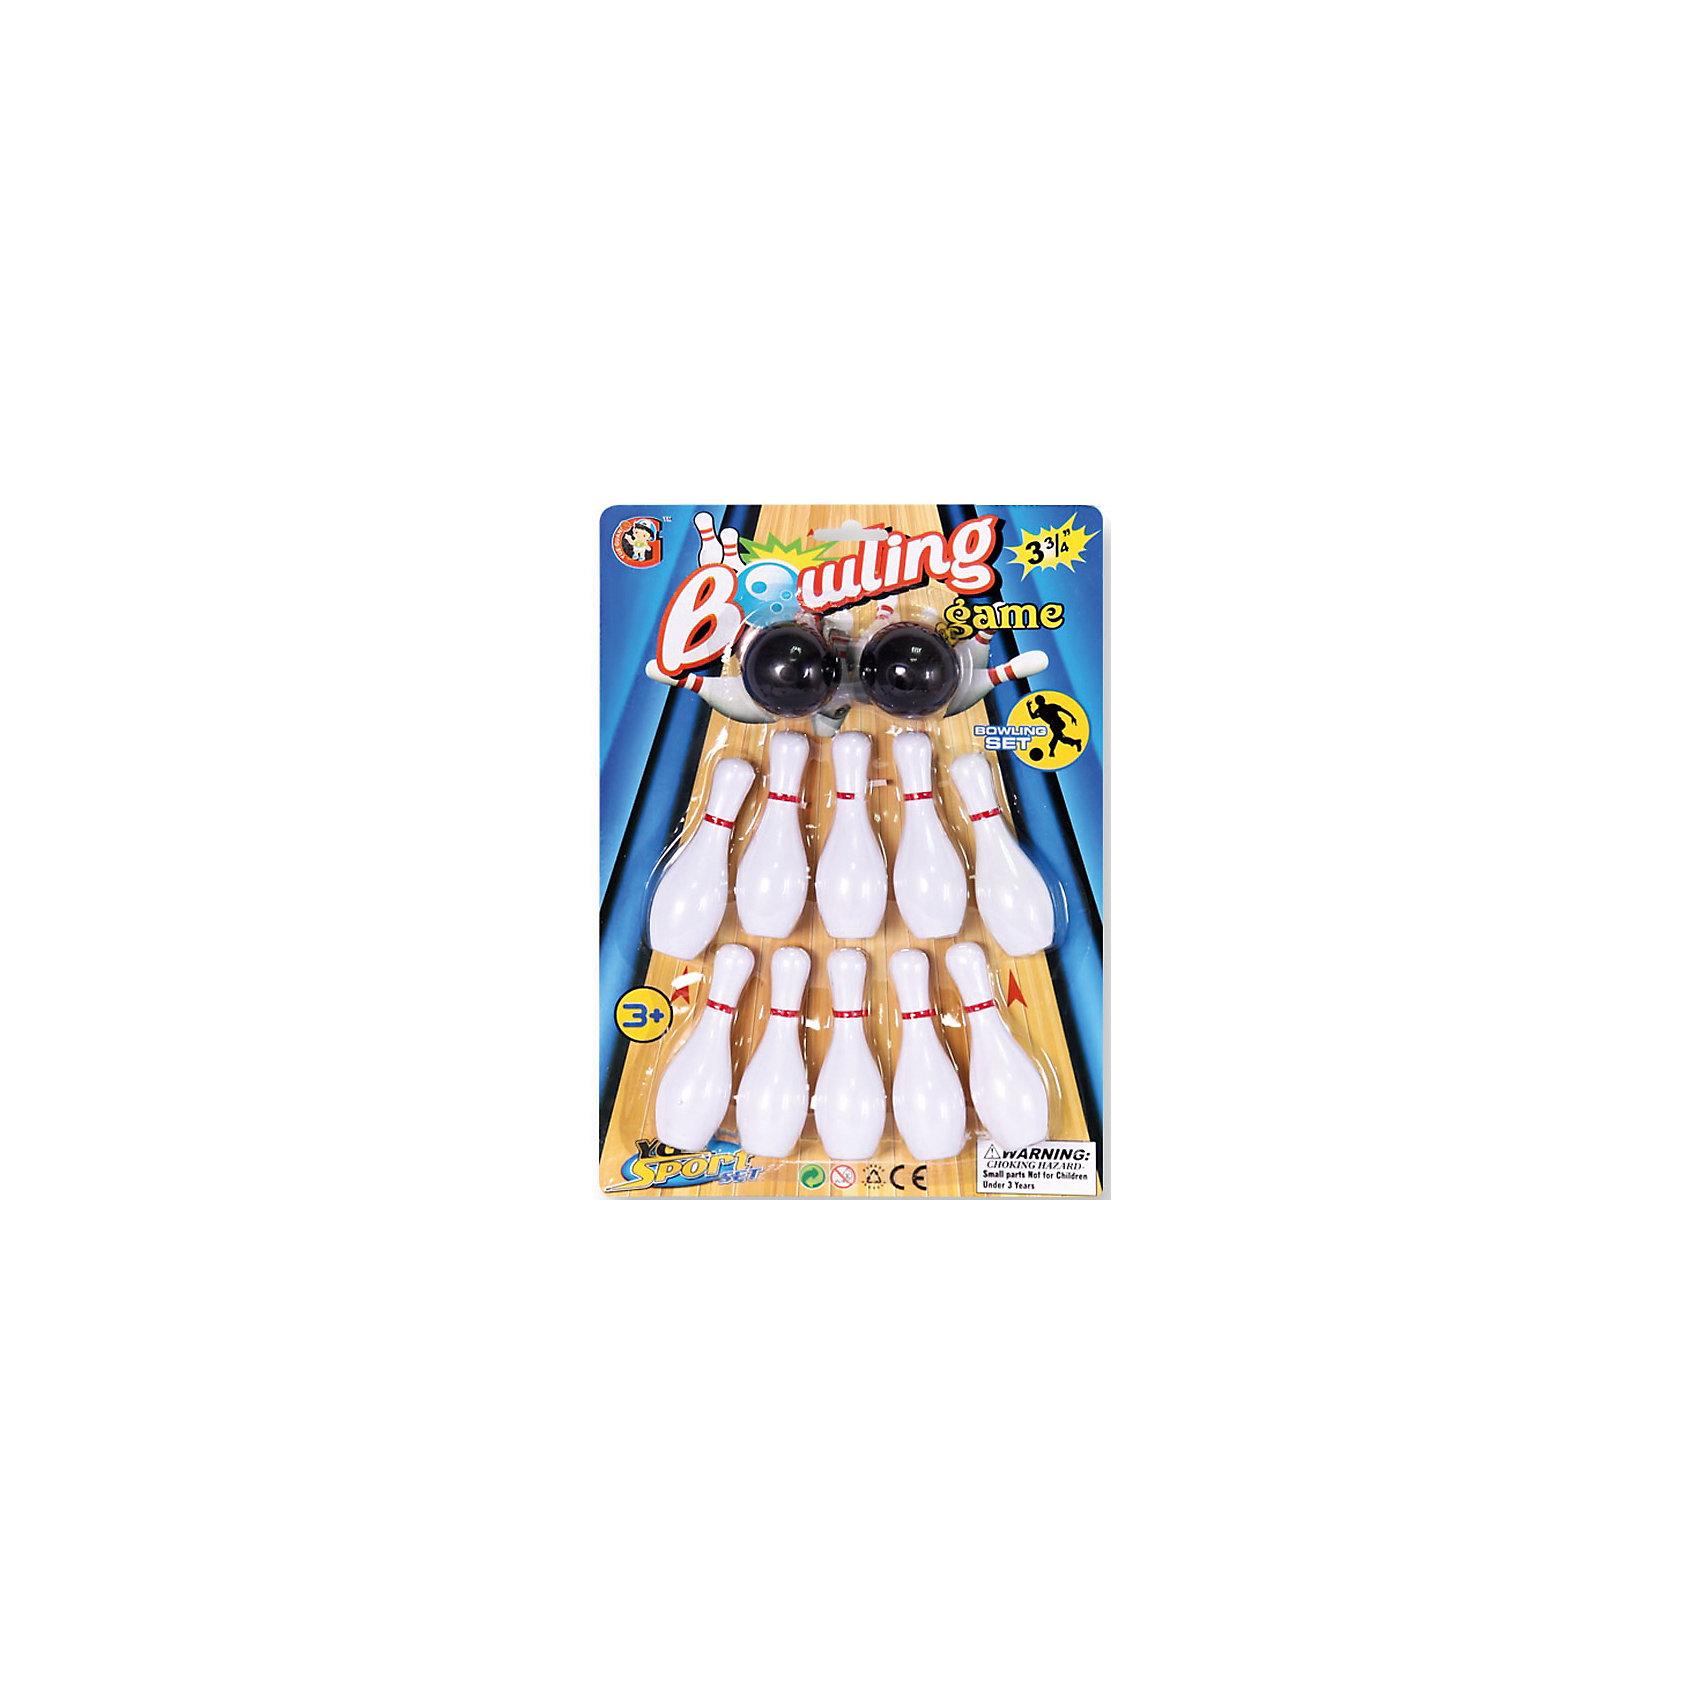 Детская игра Боулинг, YG SportДетская игра Боулинг, YG Sport, прекрасный вариант для подвижных активных игр на открытом воздухе. В комплект входят кегли яркой белой расцветки и два шара с выемками-отверстиями для удобного захвата. Цель игры - сбить шаром максимальное количество кеглей. Можно играть как в одиночку, так и в компании друзей или родителей. Набор лёгкий и компактный, что позволяет брать его с собой в дорогу, поездки и путешествия. Игра в боулинг развивает ловкость, меткость и координацию движений, а также помогает в укреплении общефизического состояния. <br><br>Дополнительная информация:<br><br>- В комплекте: кегли - 10 шт., шары - 2 шт.<br>- Материал: пластик. <br>- Длина кегли: 10 см.<br>- Размер упаковки: 30 х 10 х 28 см.<br>- Вес: 56 гр.<br> <br>Детскую игру Боулинг, YG Sport, можно купить в нашем интернет-магазине.<br><br>Ширина мм: 226<br>Глубина мм: 48<br>Высота мм: 320<br>Вес г: 111<br>Возраст от месяцев: 36<br>Возраст до месяцев: 72<br>Пол: Унисекс<br>Возраст: Детский<br>SKU: 4622223